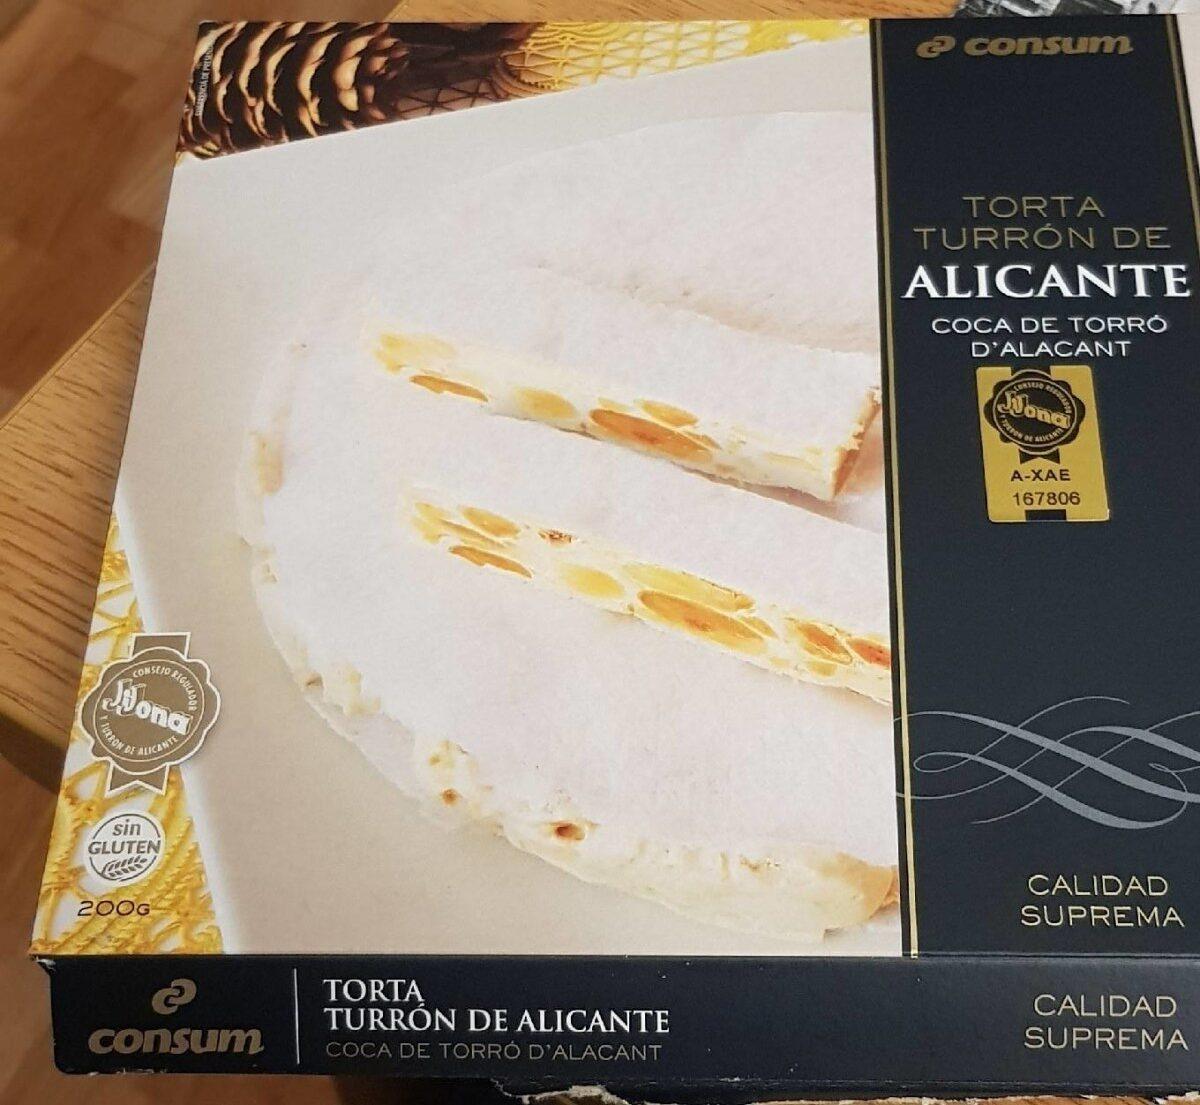 Torta turron de Alicante - Producto - es